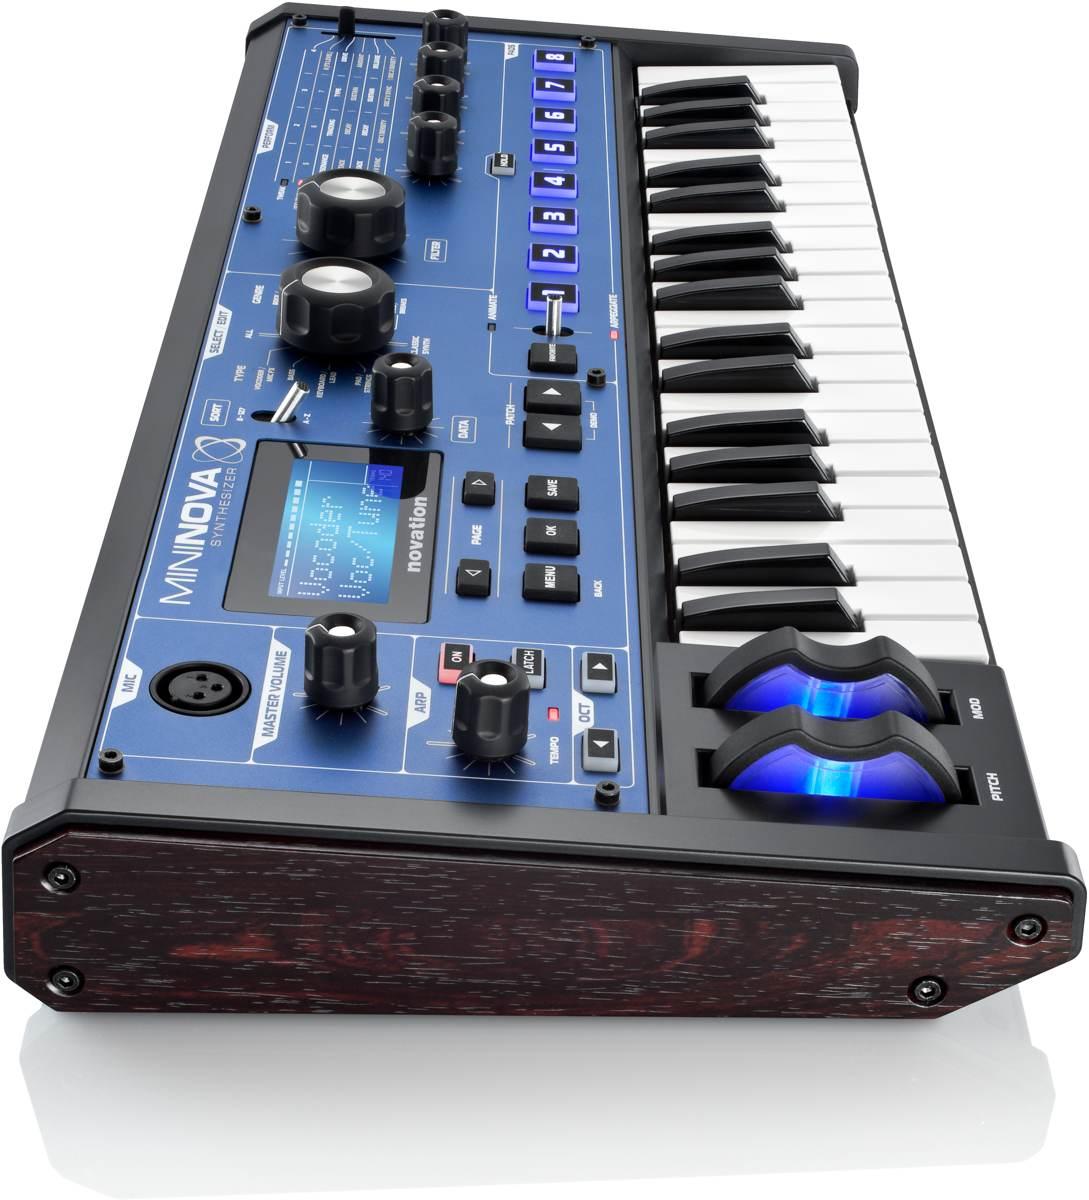 Novation MiniNova: Little Keyboard, Vocal Effects, $500 - From a